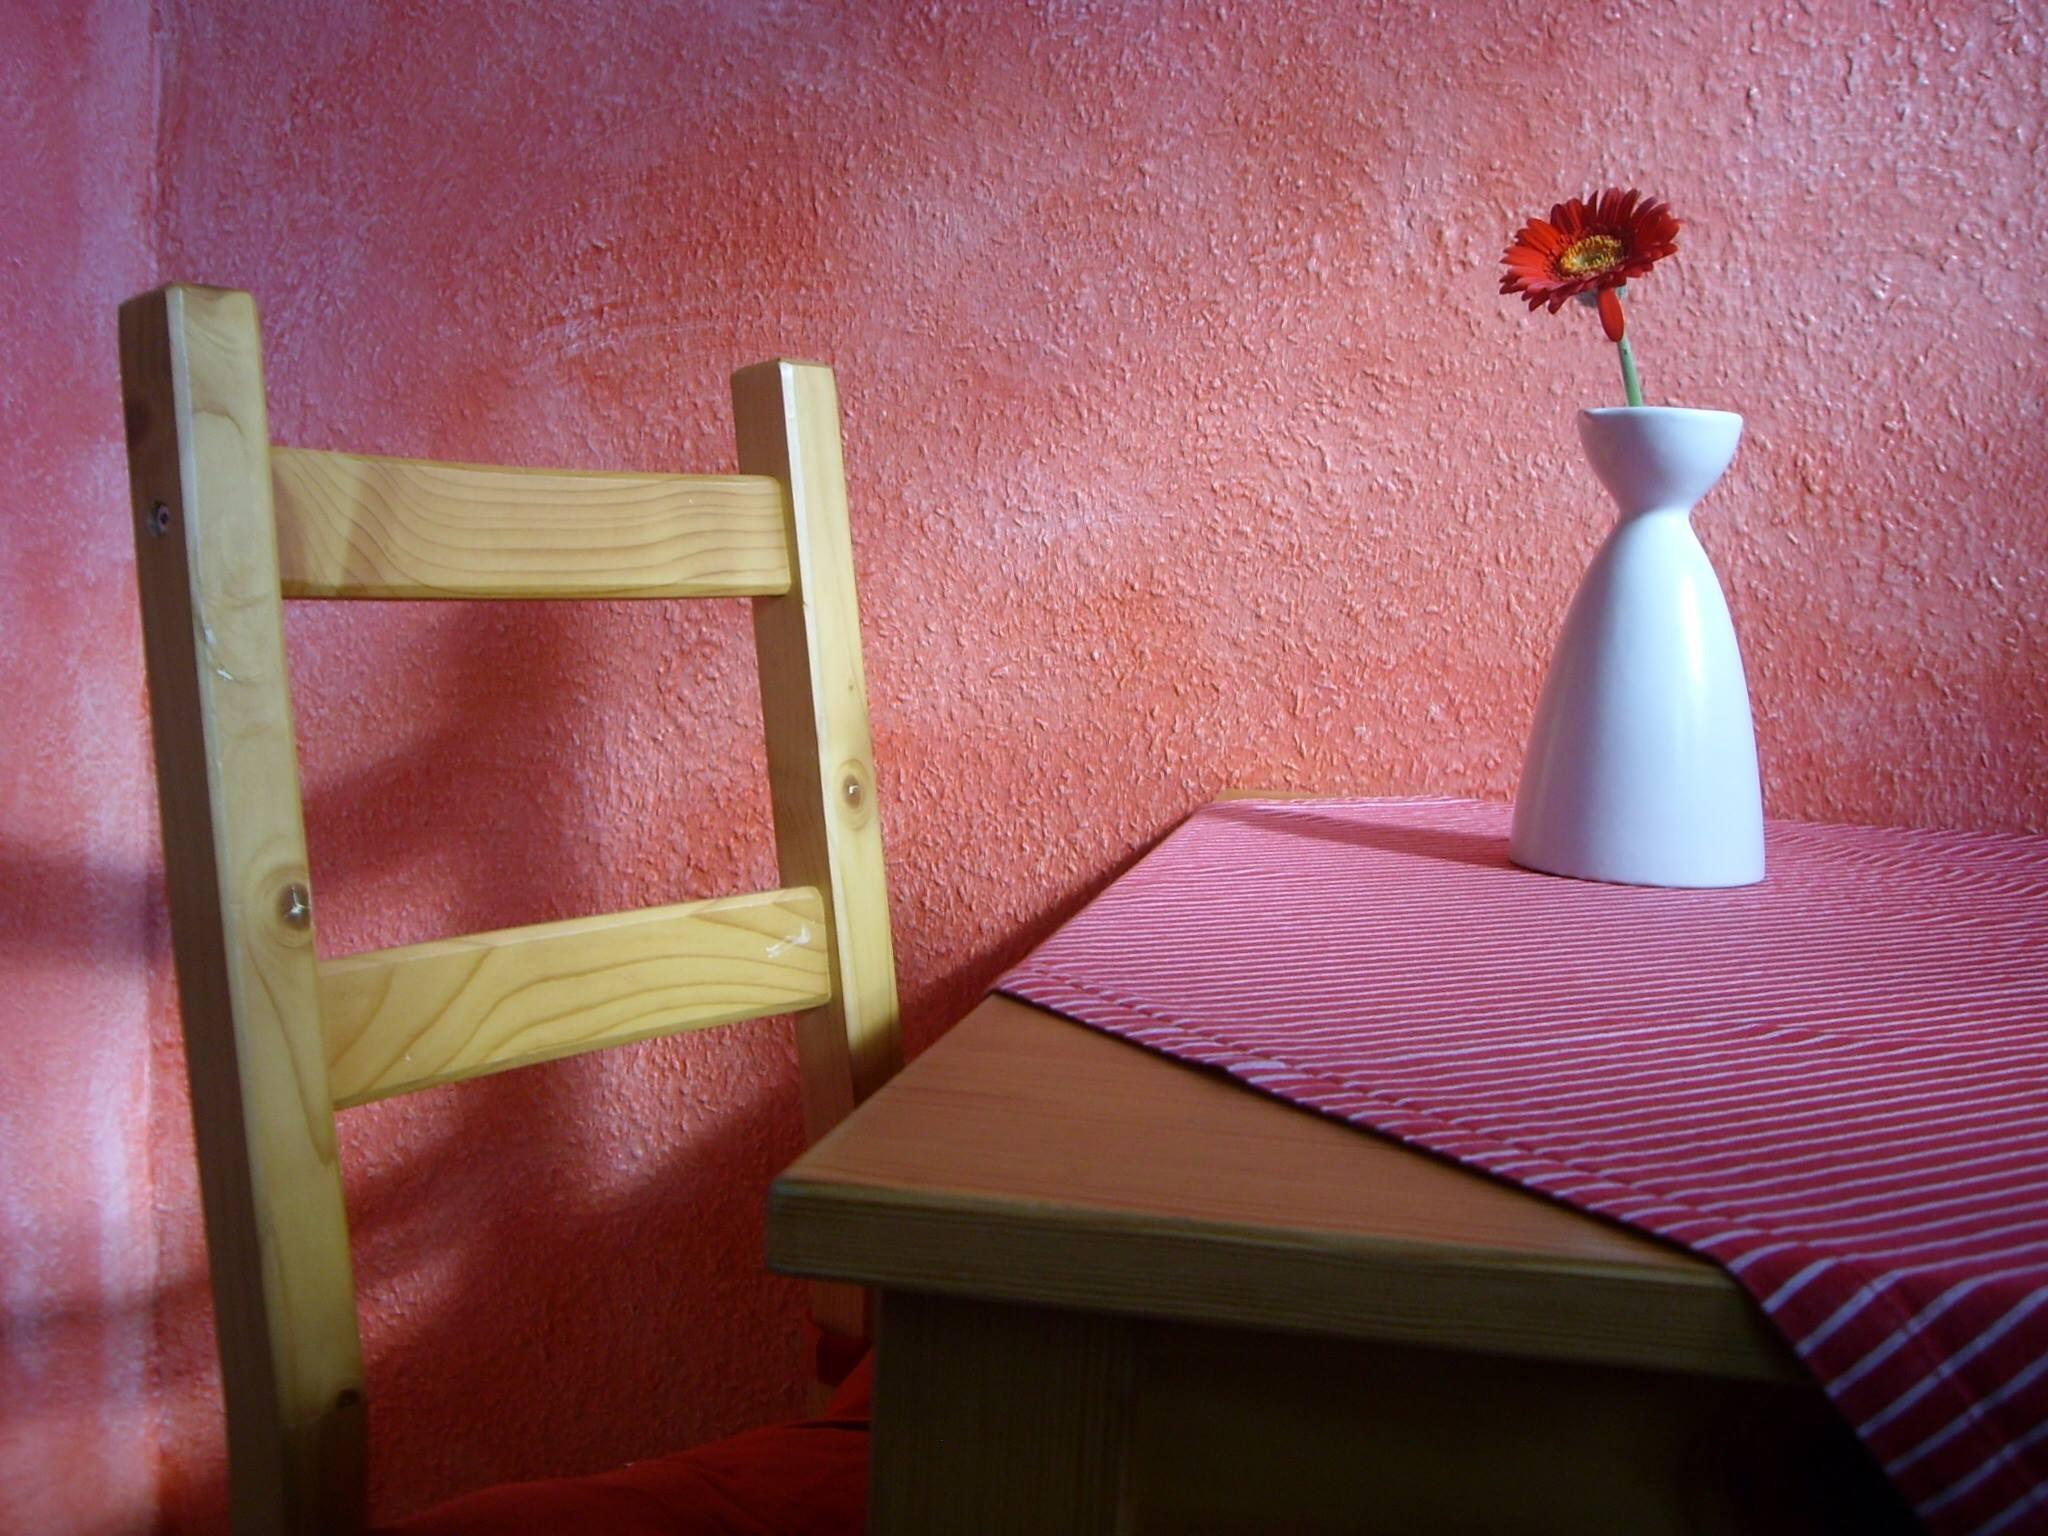 massivholz und farbe so kombinieren sie eindrucksvoll. Black Bedroom Furniture Sets. Home Design Ideas